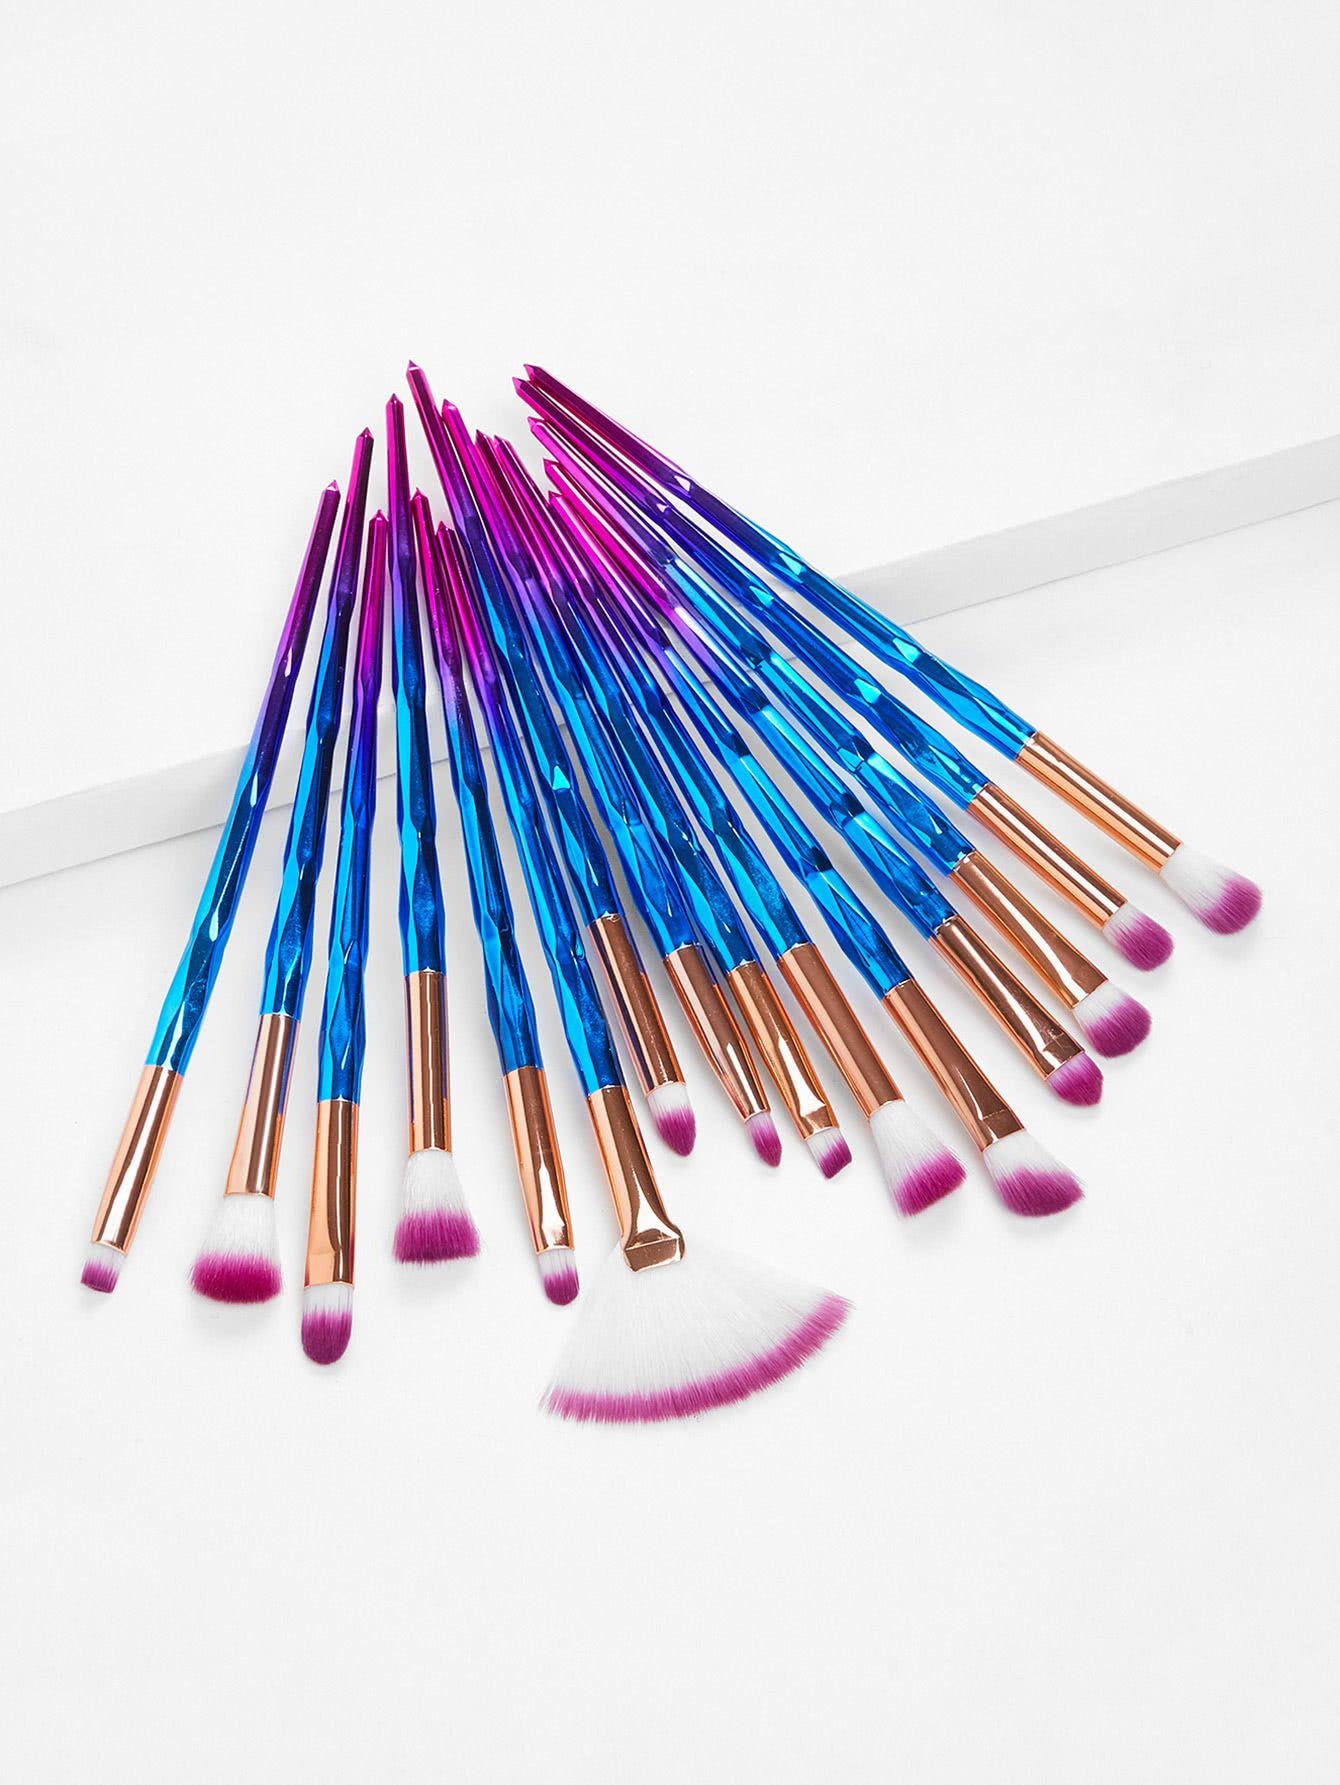 Ombre Handle Makeup Brush Kit 15pcs Makeup brush kit